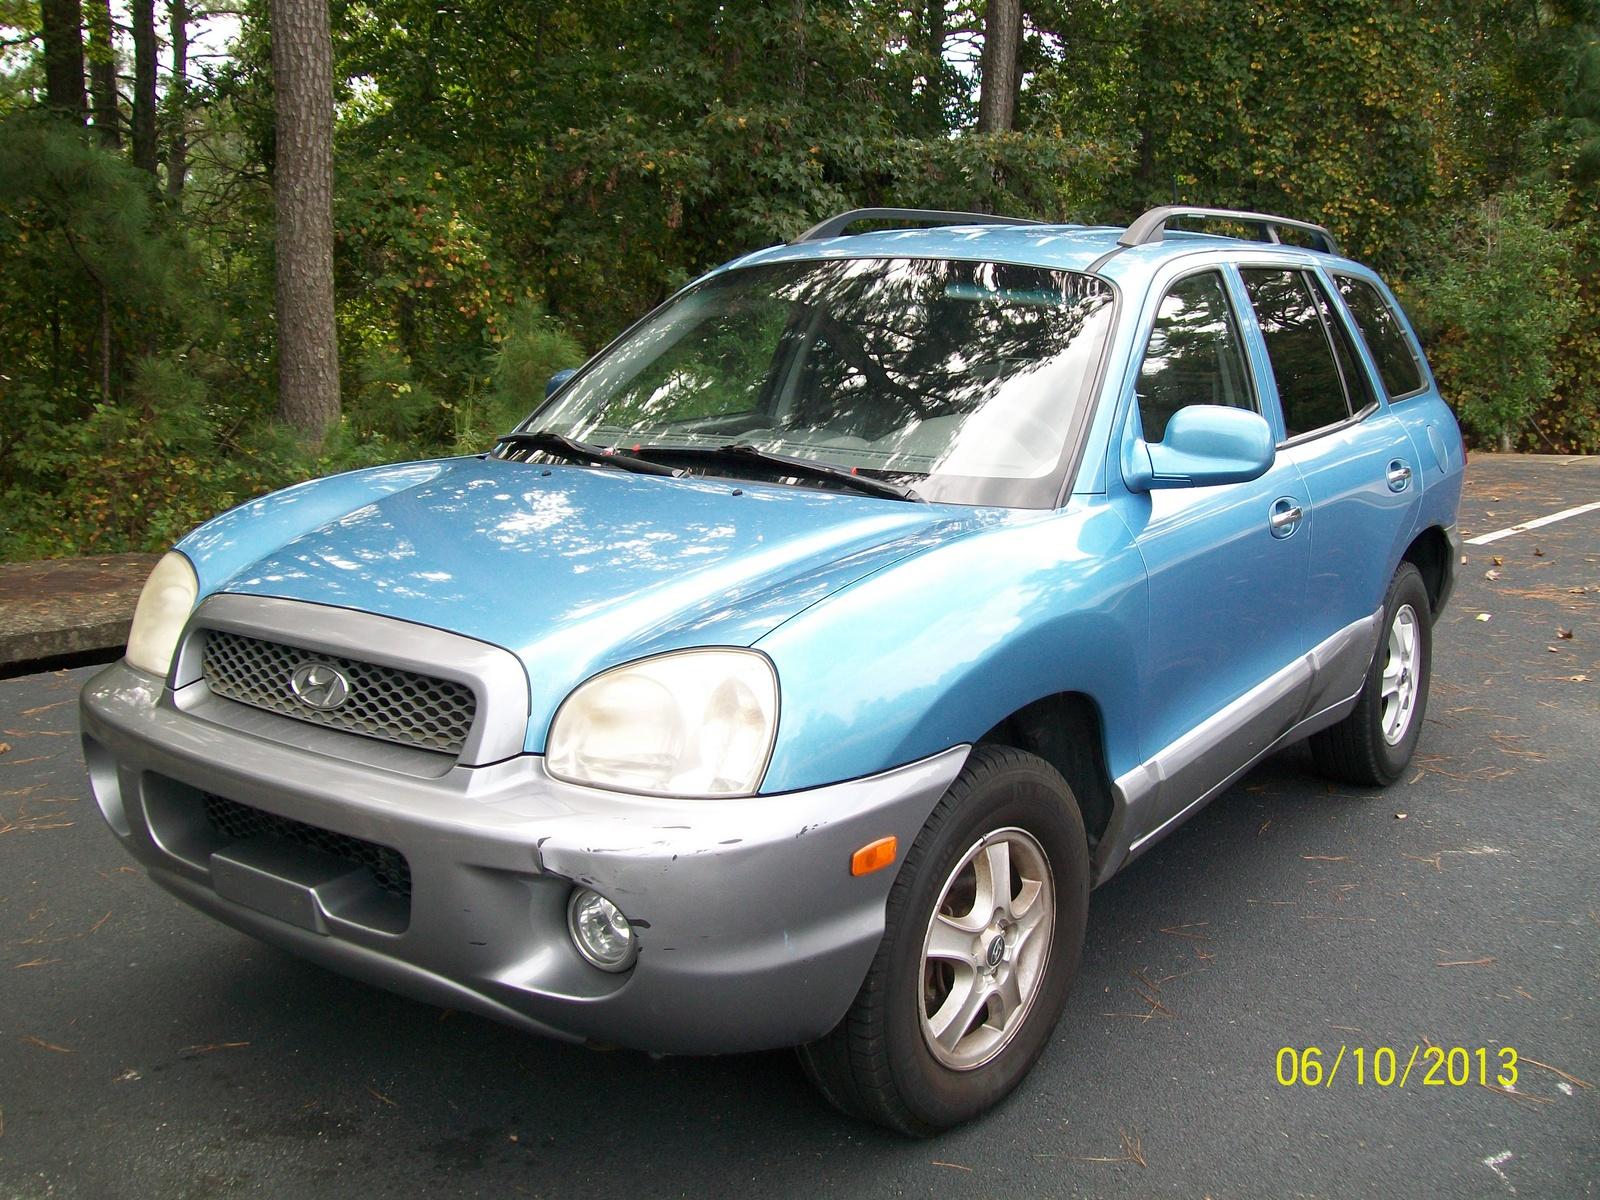 2004 Hyundai Santa Fe Pictures Cargurus